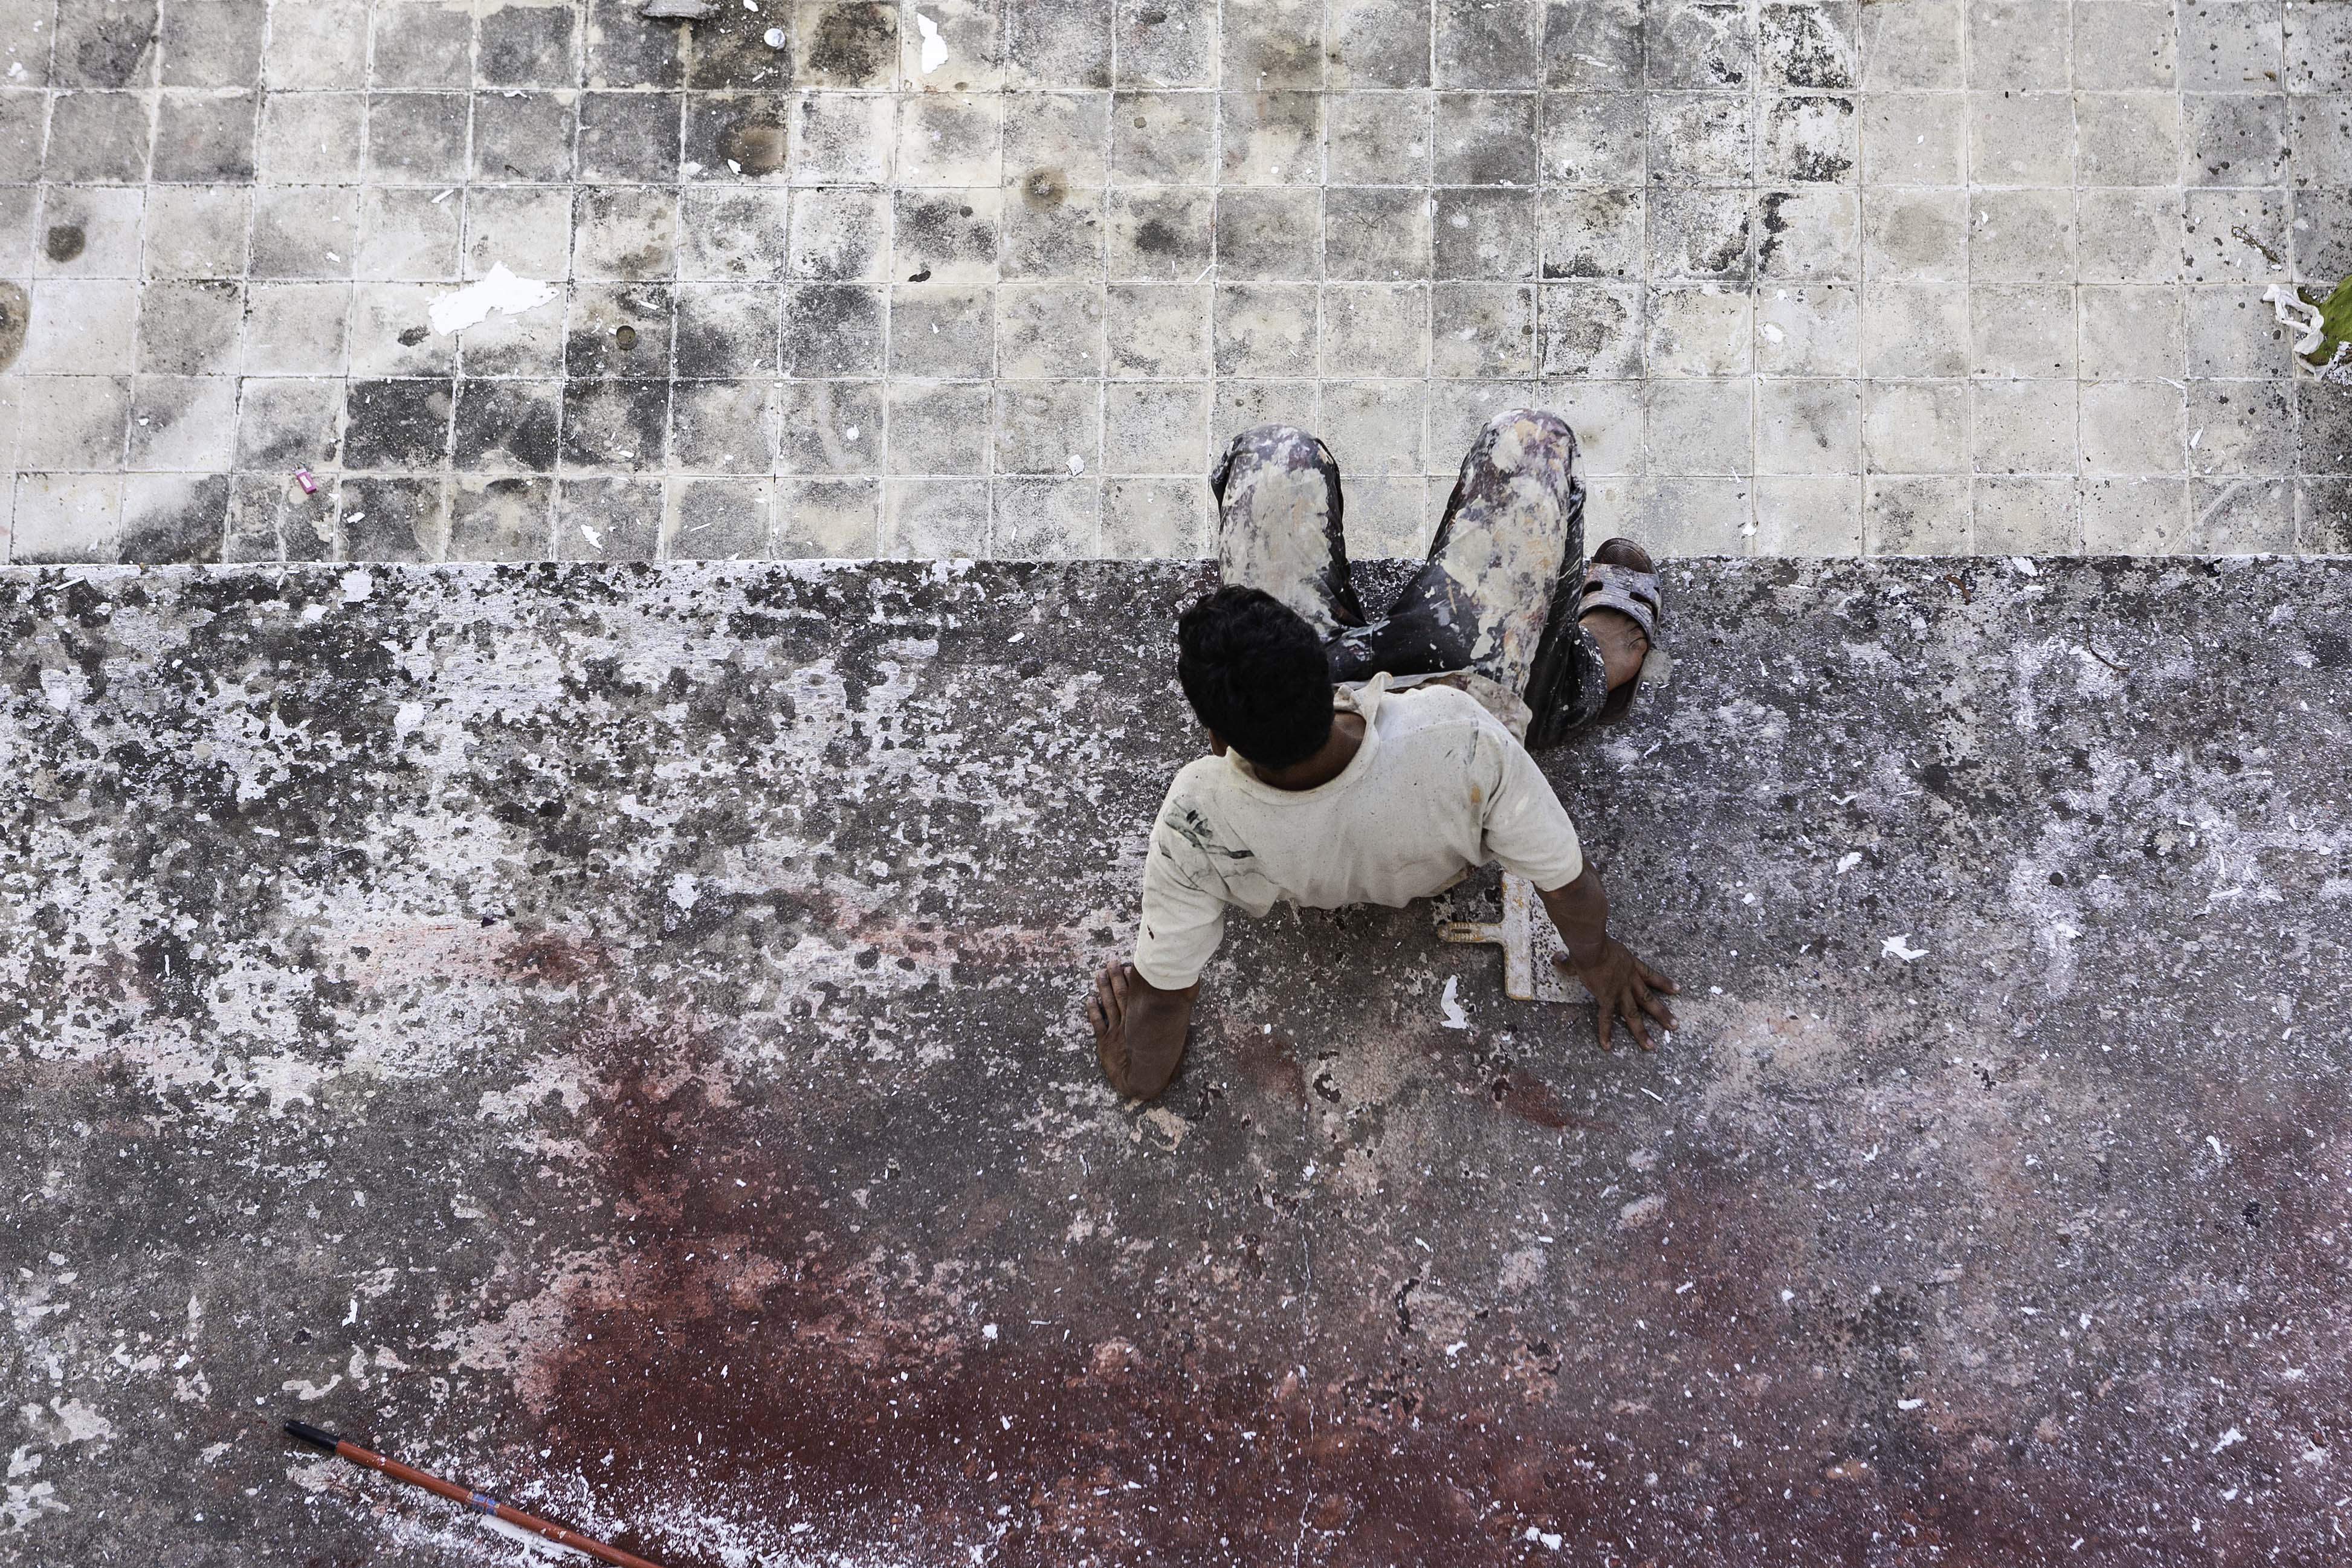 Travaux, peinture, l'homme caméléon, gildalliere, Tanger, 2012